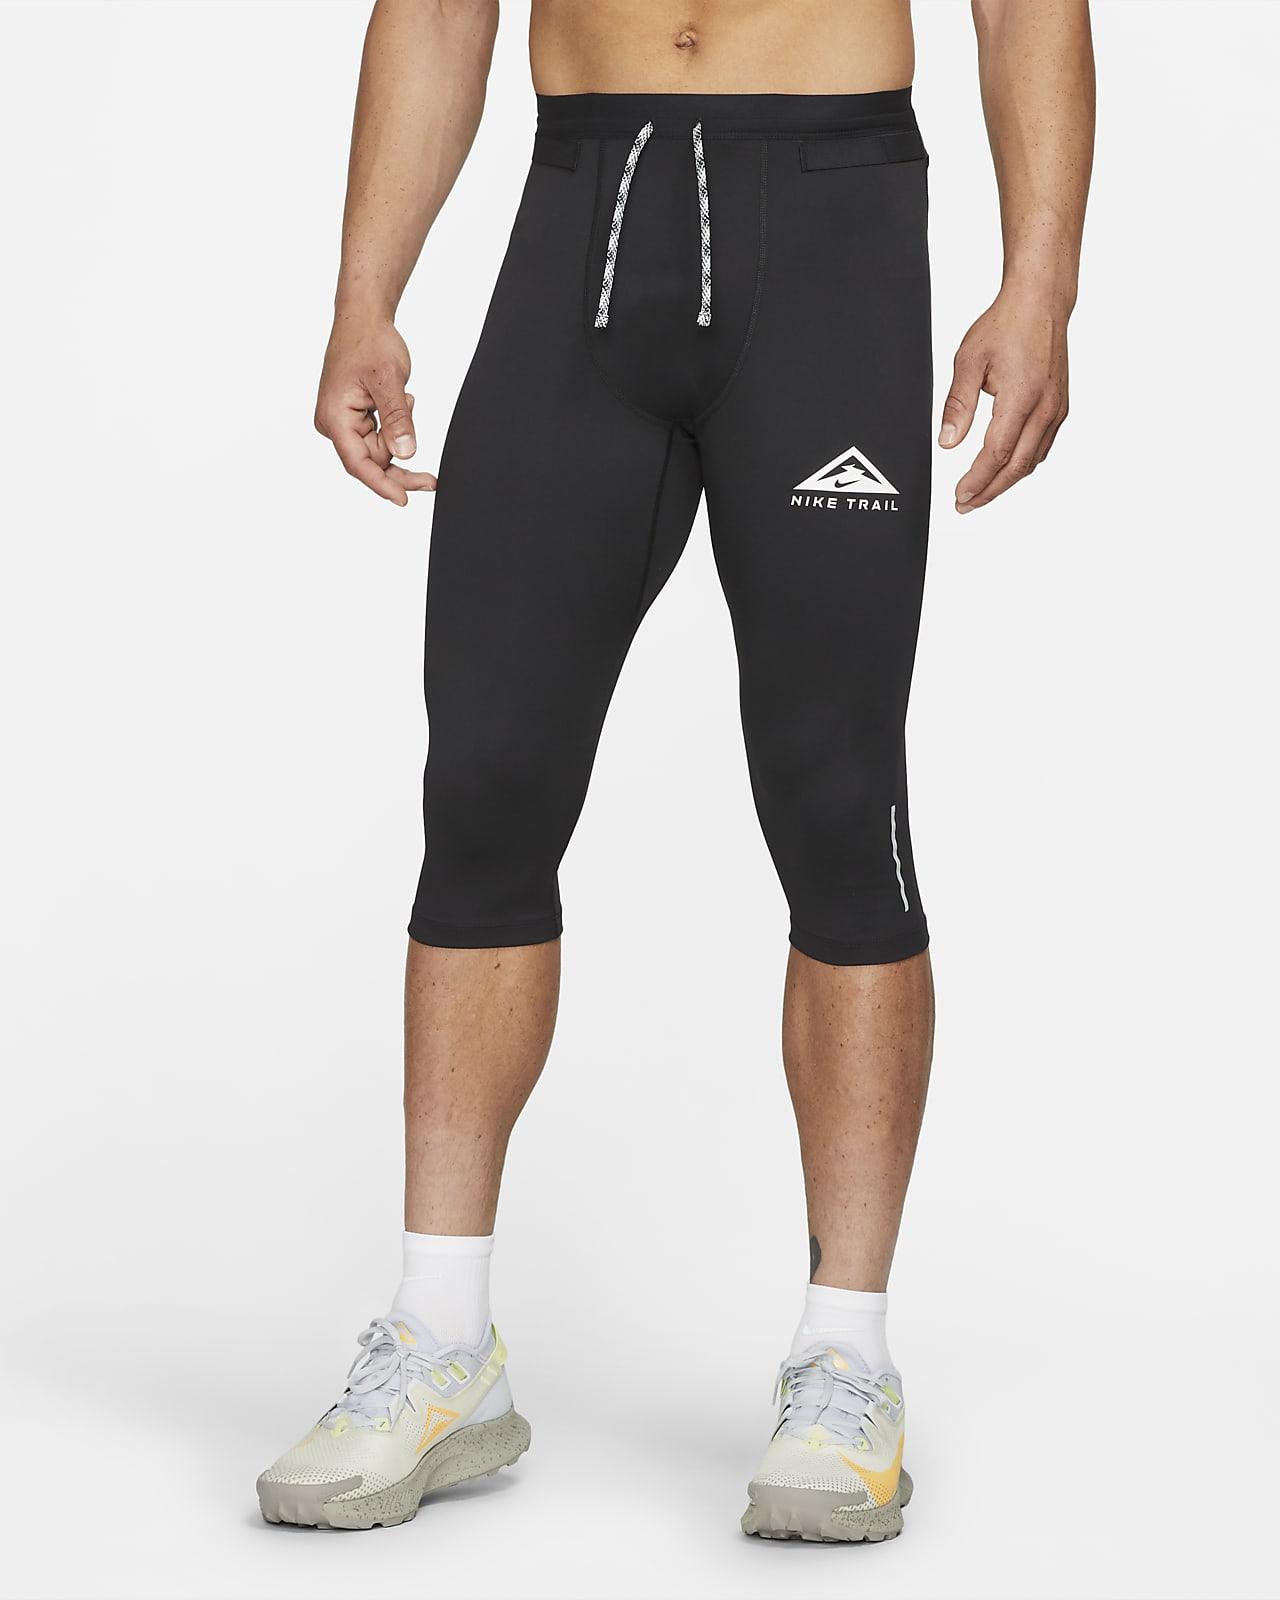 Nike Dri-FIT 3/4 Boy Arazi Tipi Erkek Koşu Taytı